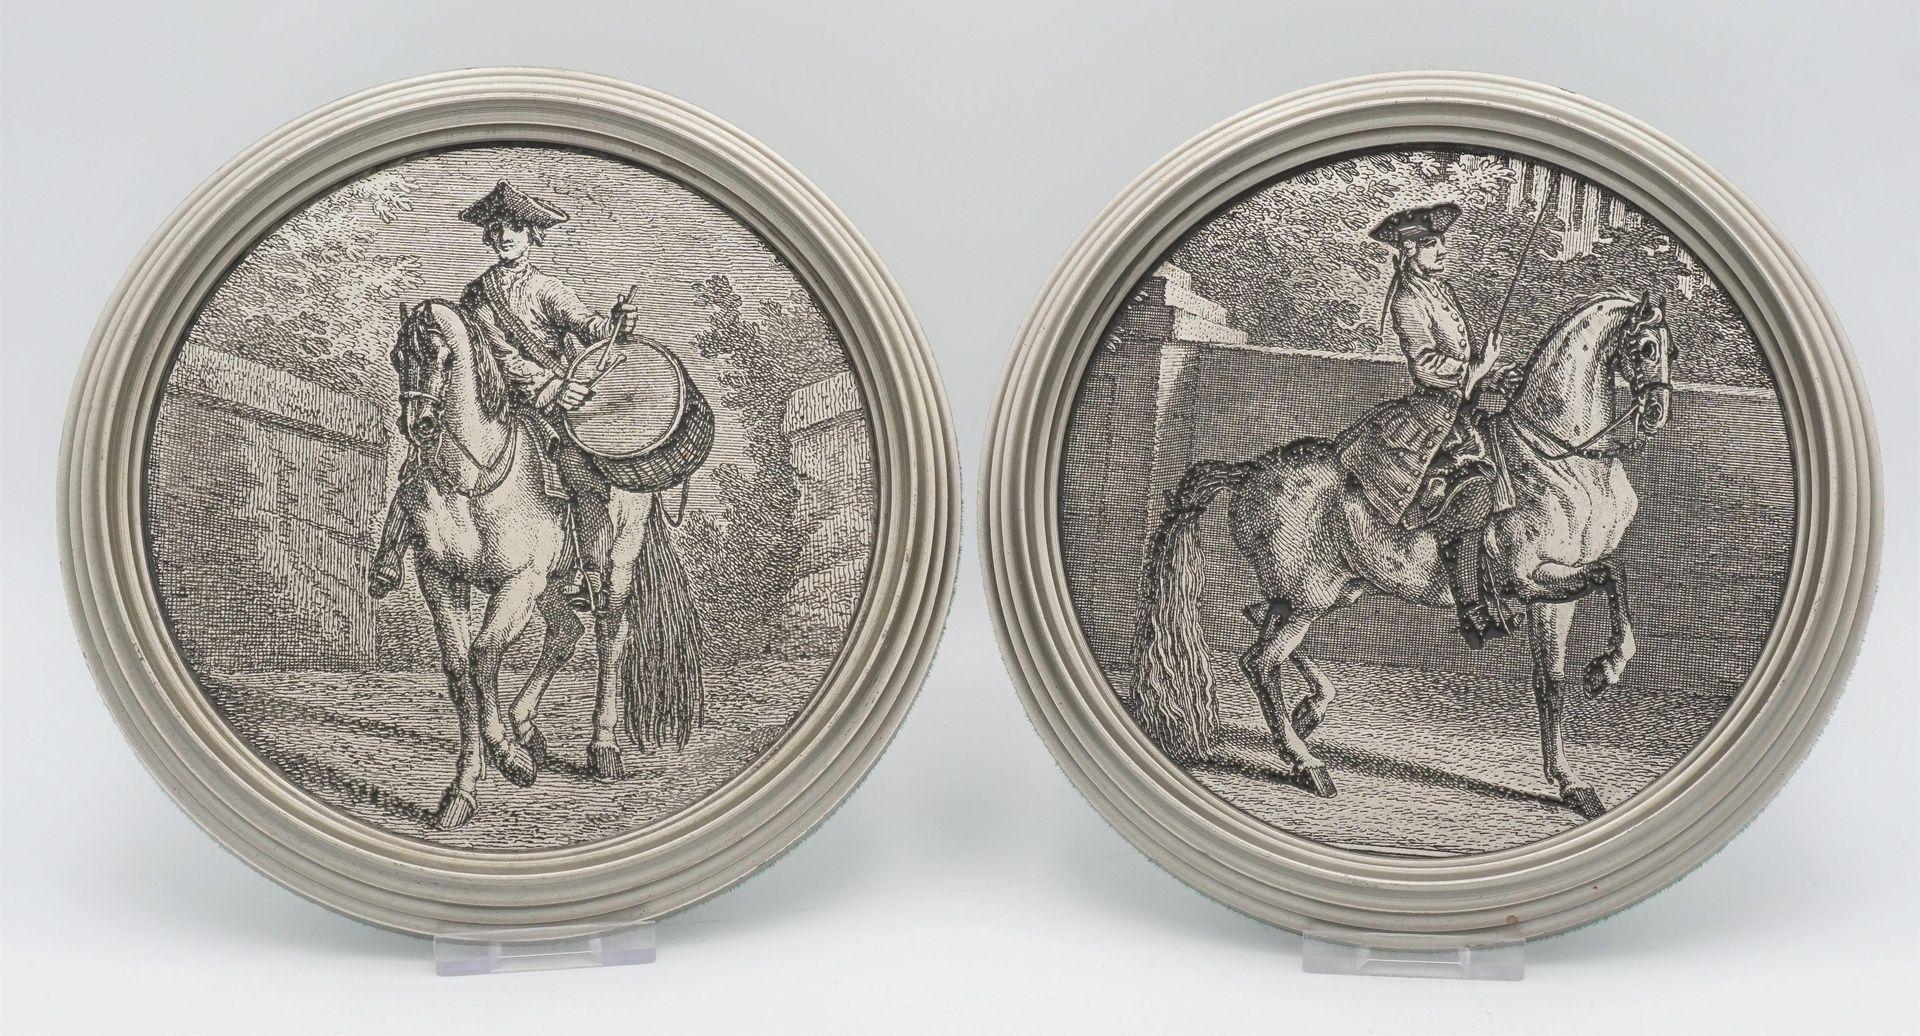 Zwei Wandteller und ein Becher mit Pferde-Motiven, 20. Jh. - Bild 2 aus 6